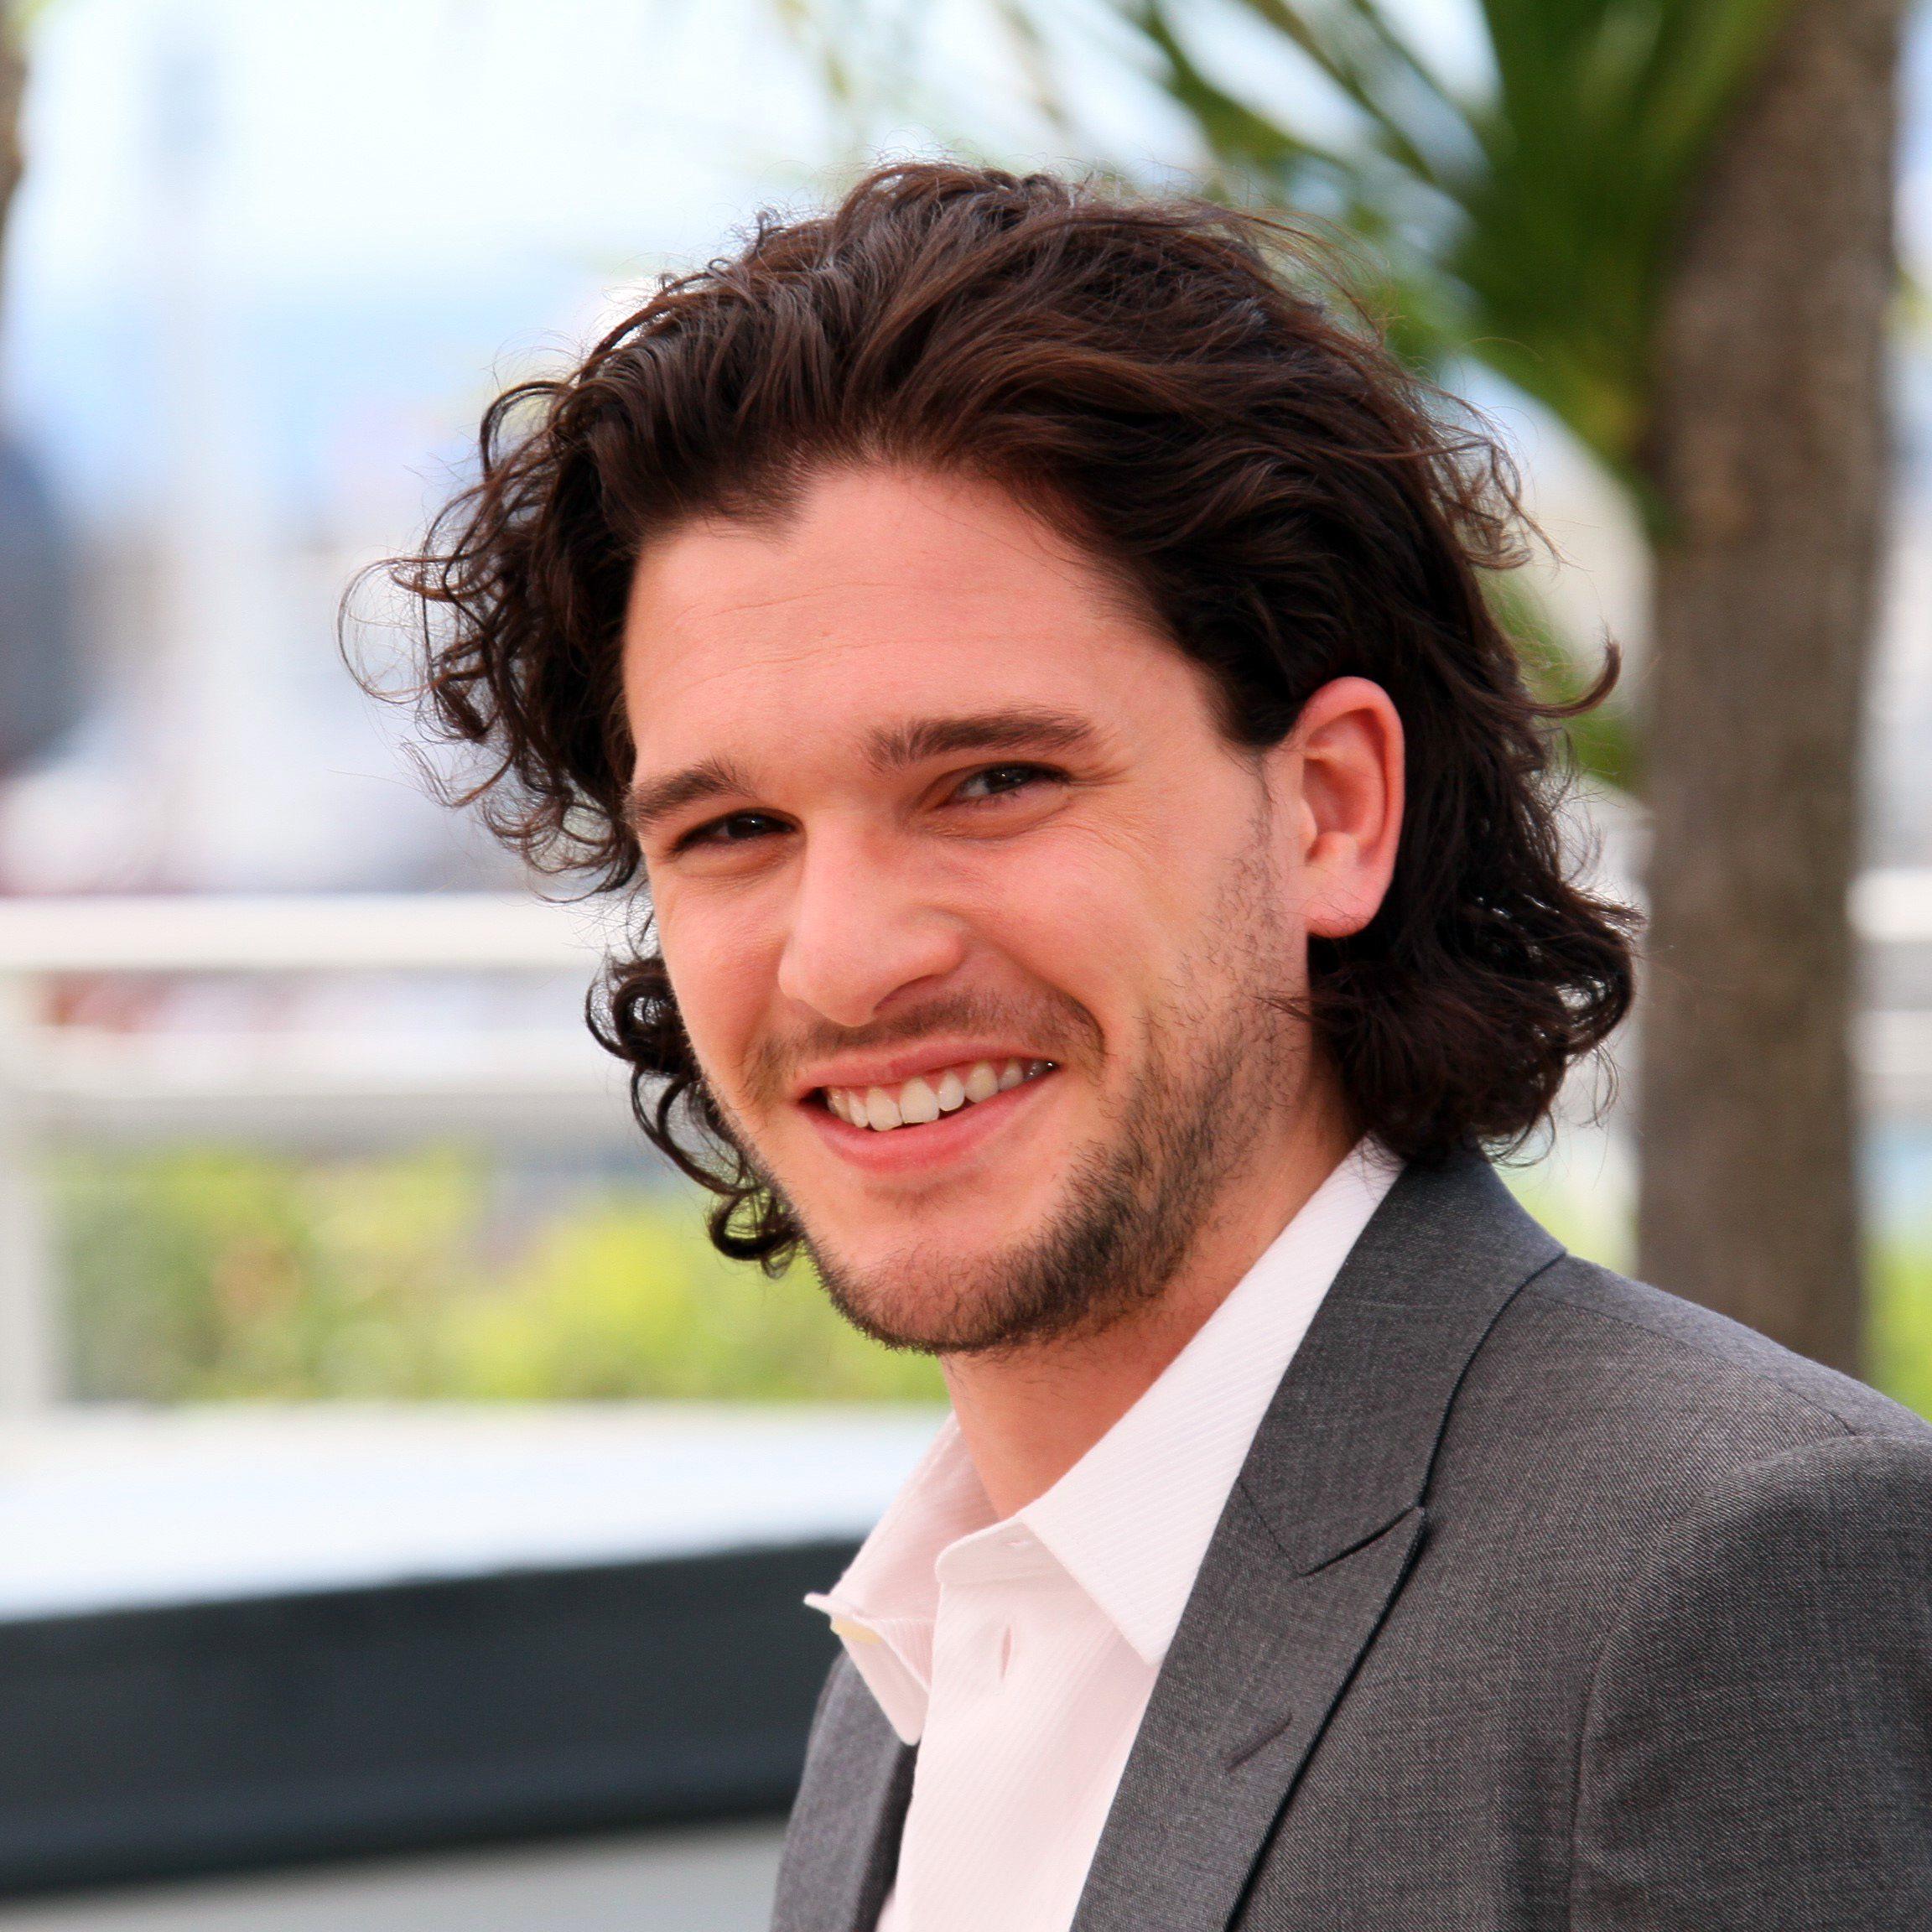 Kit Harington's Curly Hair 1-1